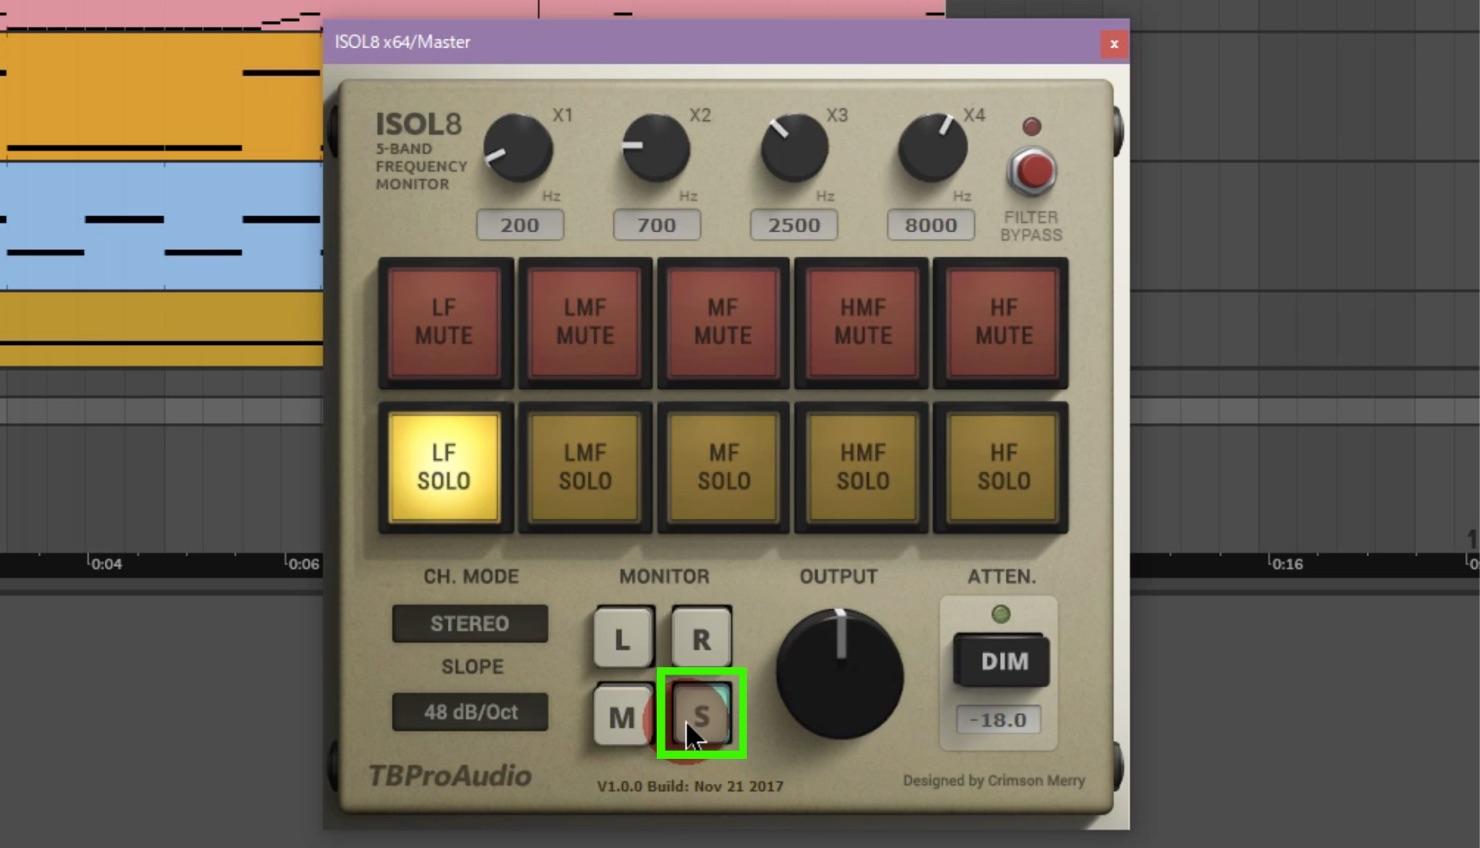 TBProAudio-ISOL8-How-to-4